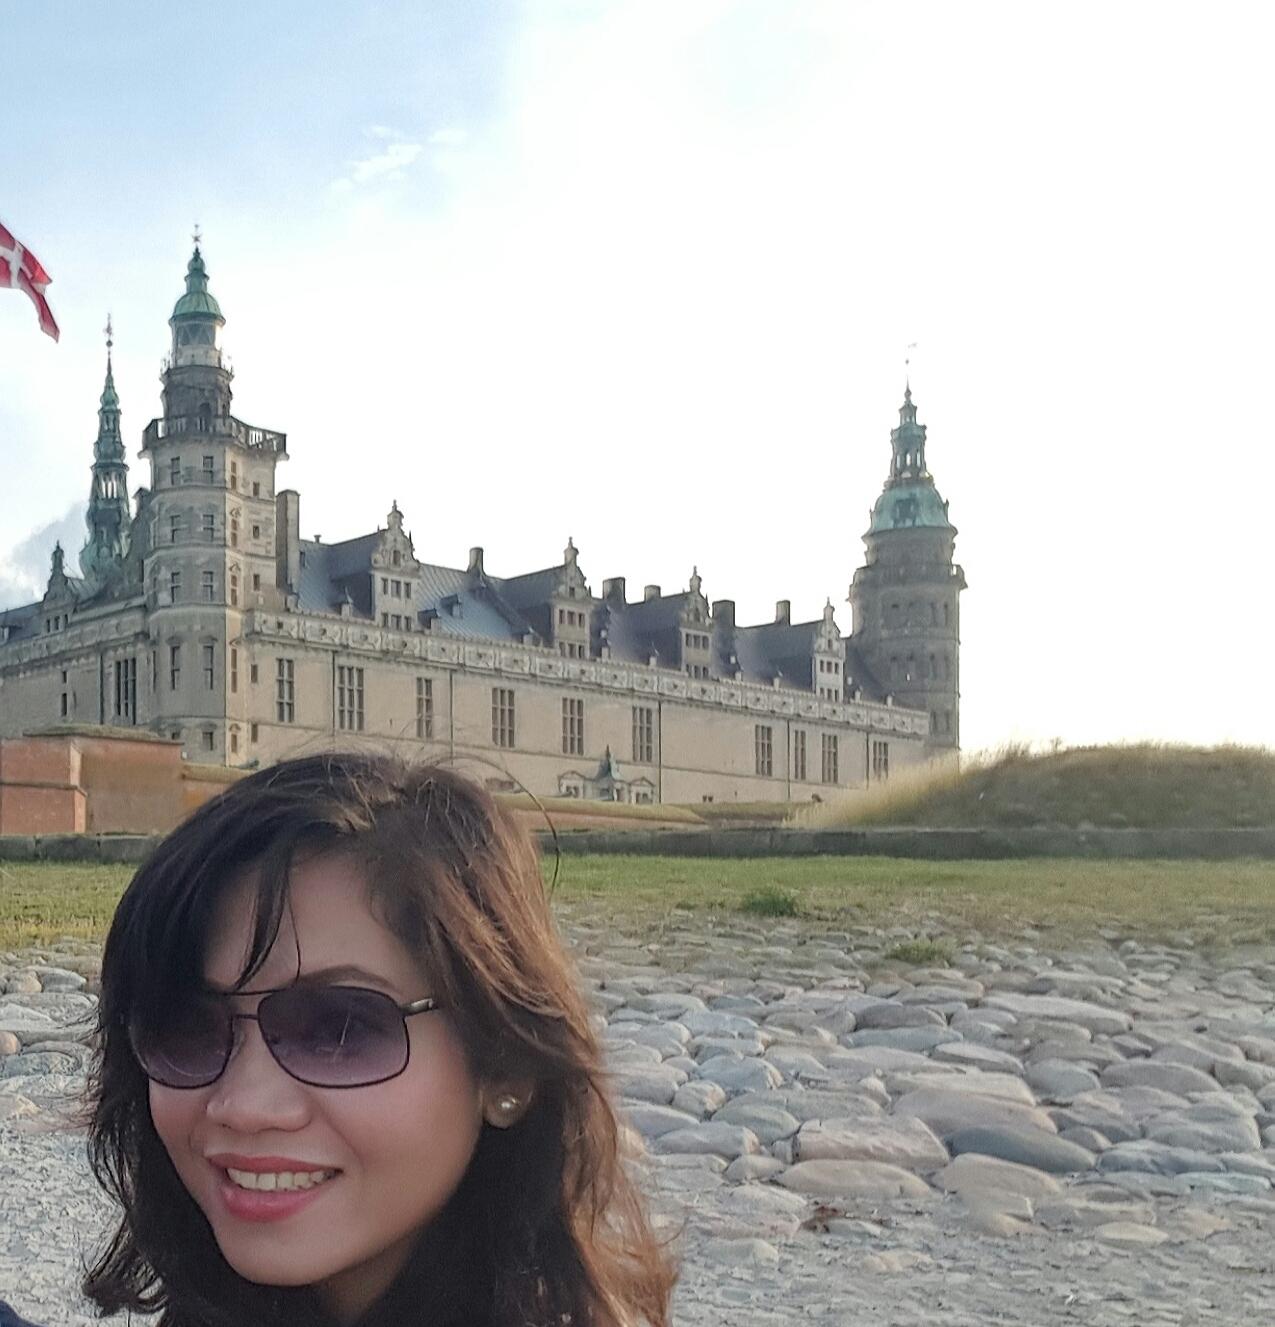 Walking around Kronborg Castle